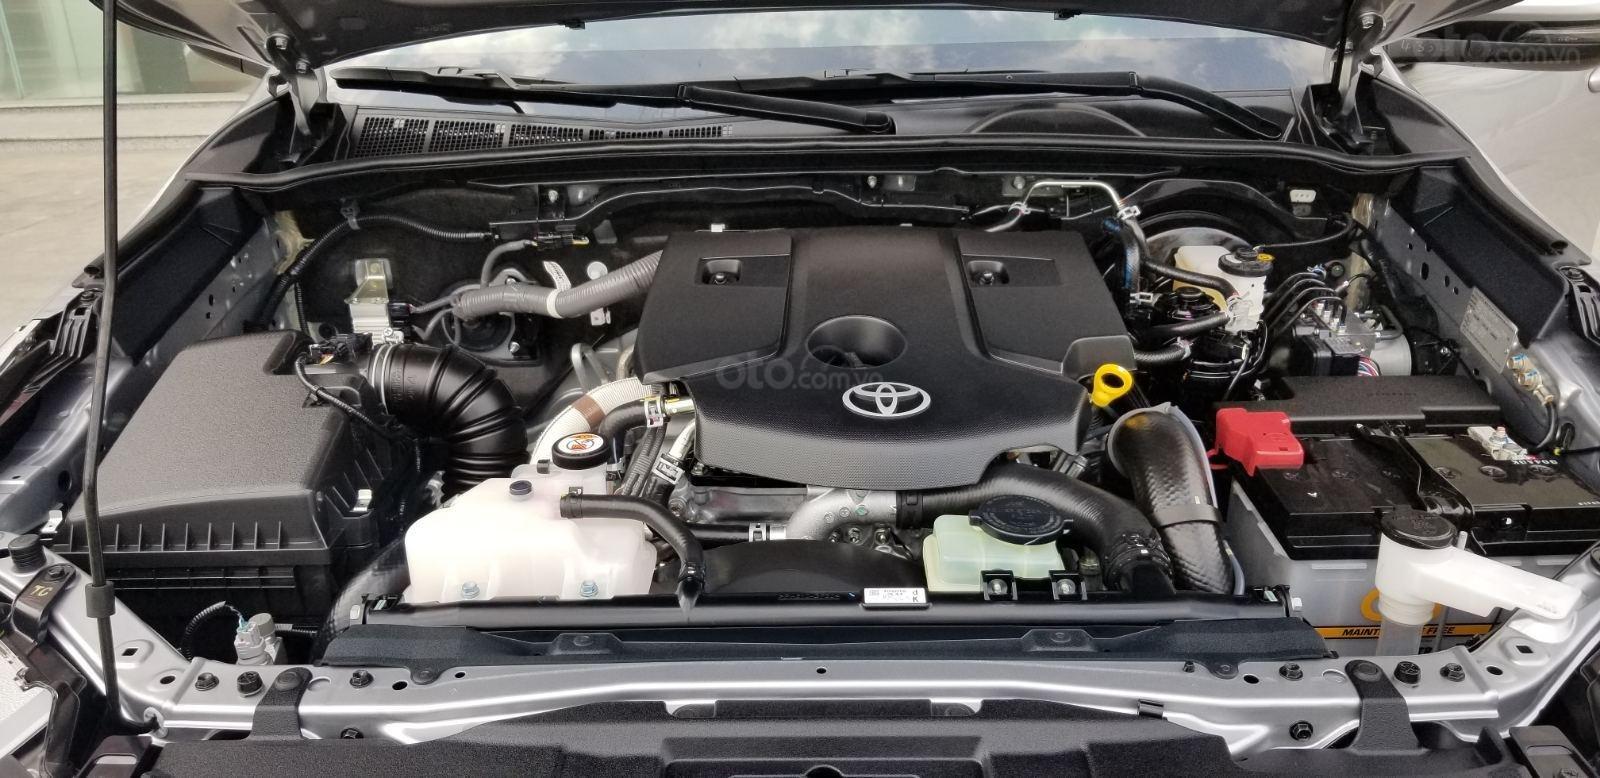 Cần mua bán Toyota Fortuner 2.4G dầu T7/2019, bạc lướt 7.500km, giá rẻ (11)